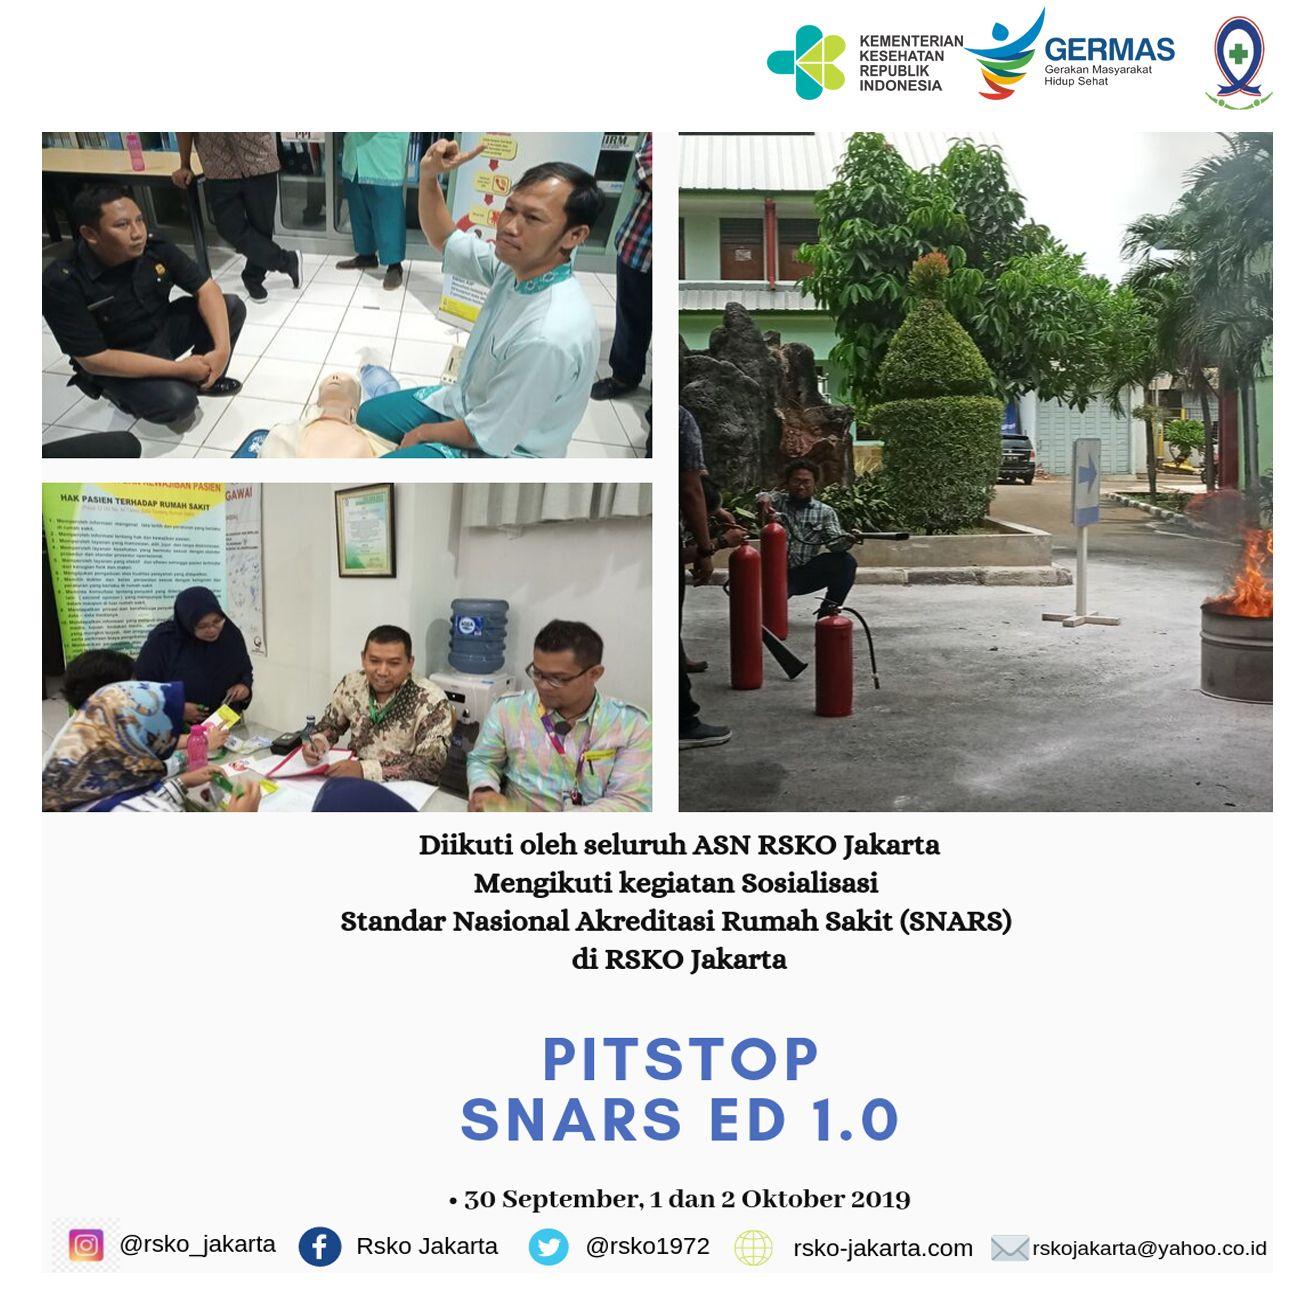 Deskripsi : Pitstop SNARS di RSKO Jakarta I Sumber Foto : dokpri